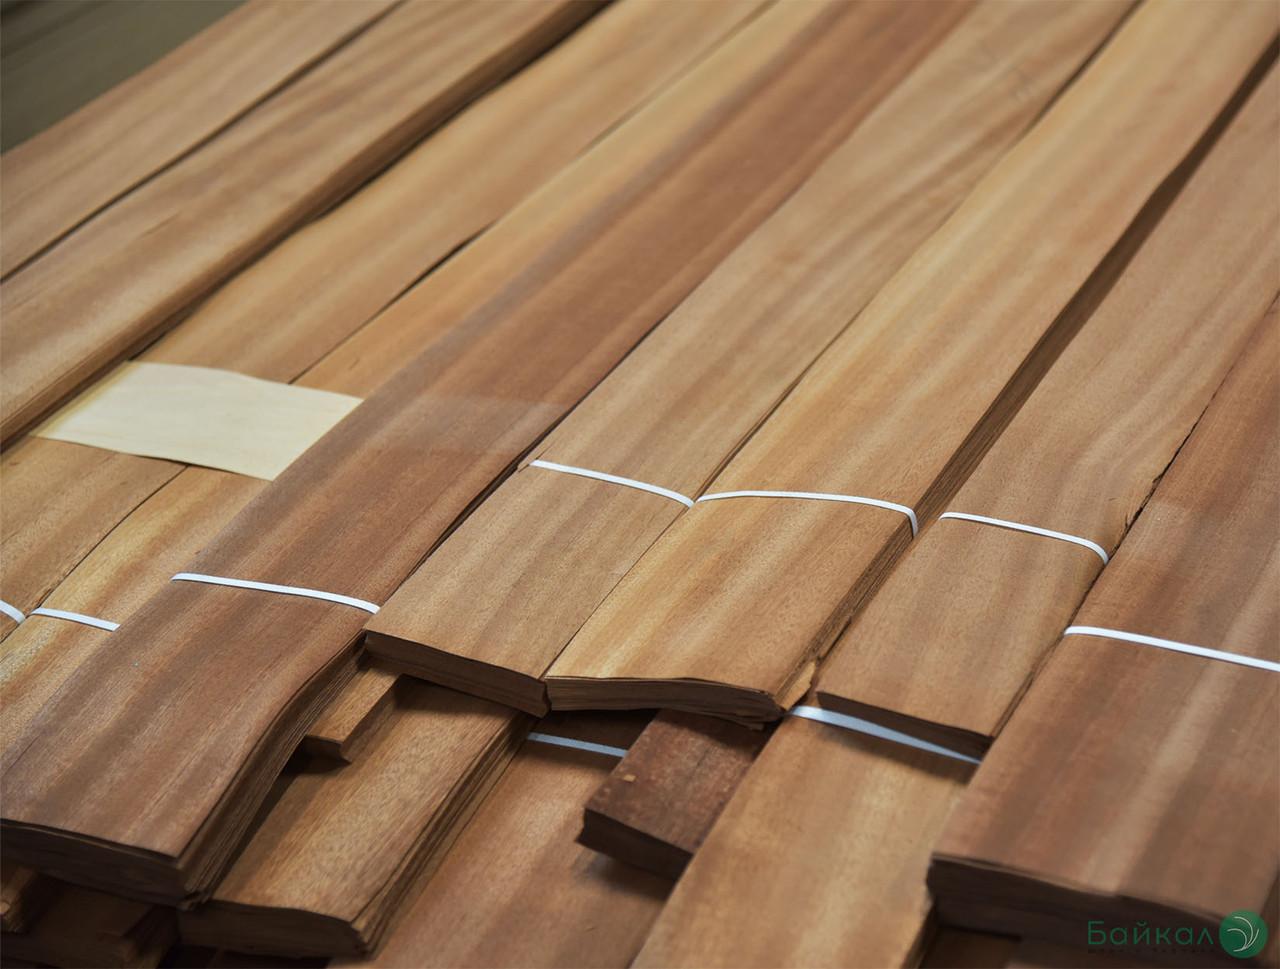 Шпон Сапели - 0,6 мм сорт I - длина от 1 м до 2 м/ ширина от 10 см+ (строганный)